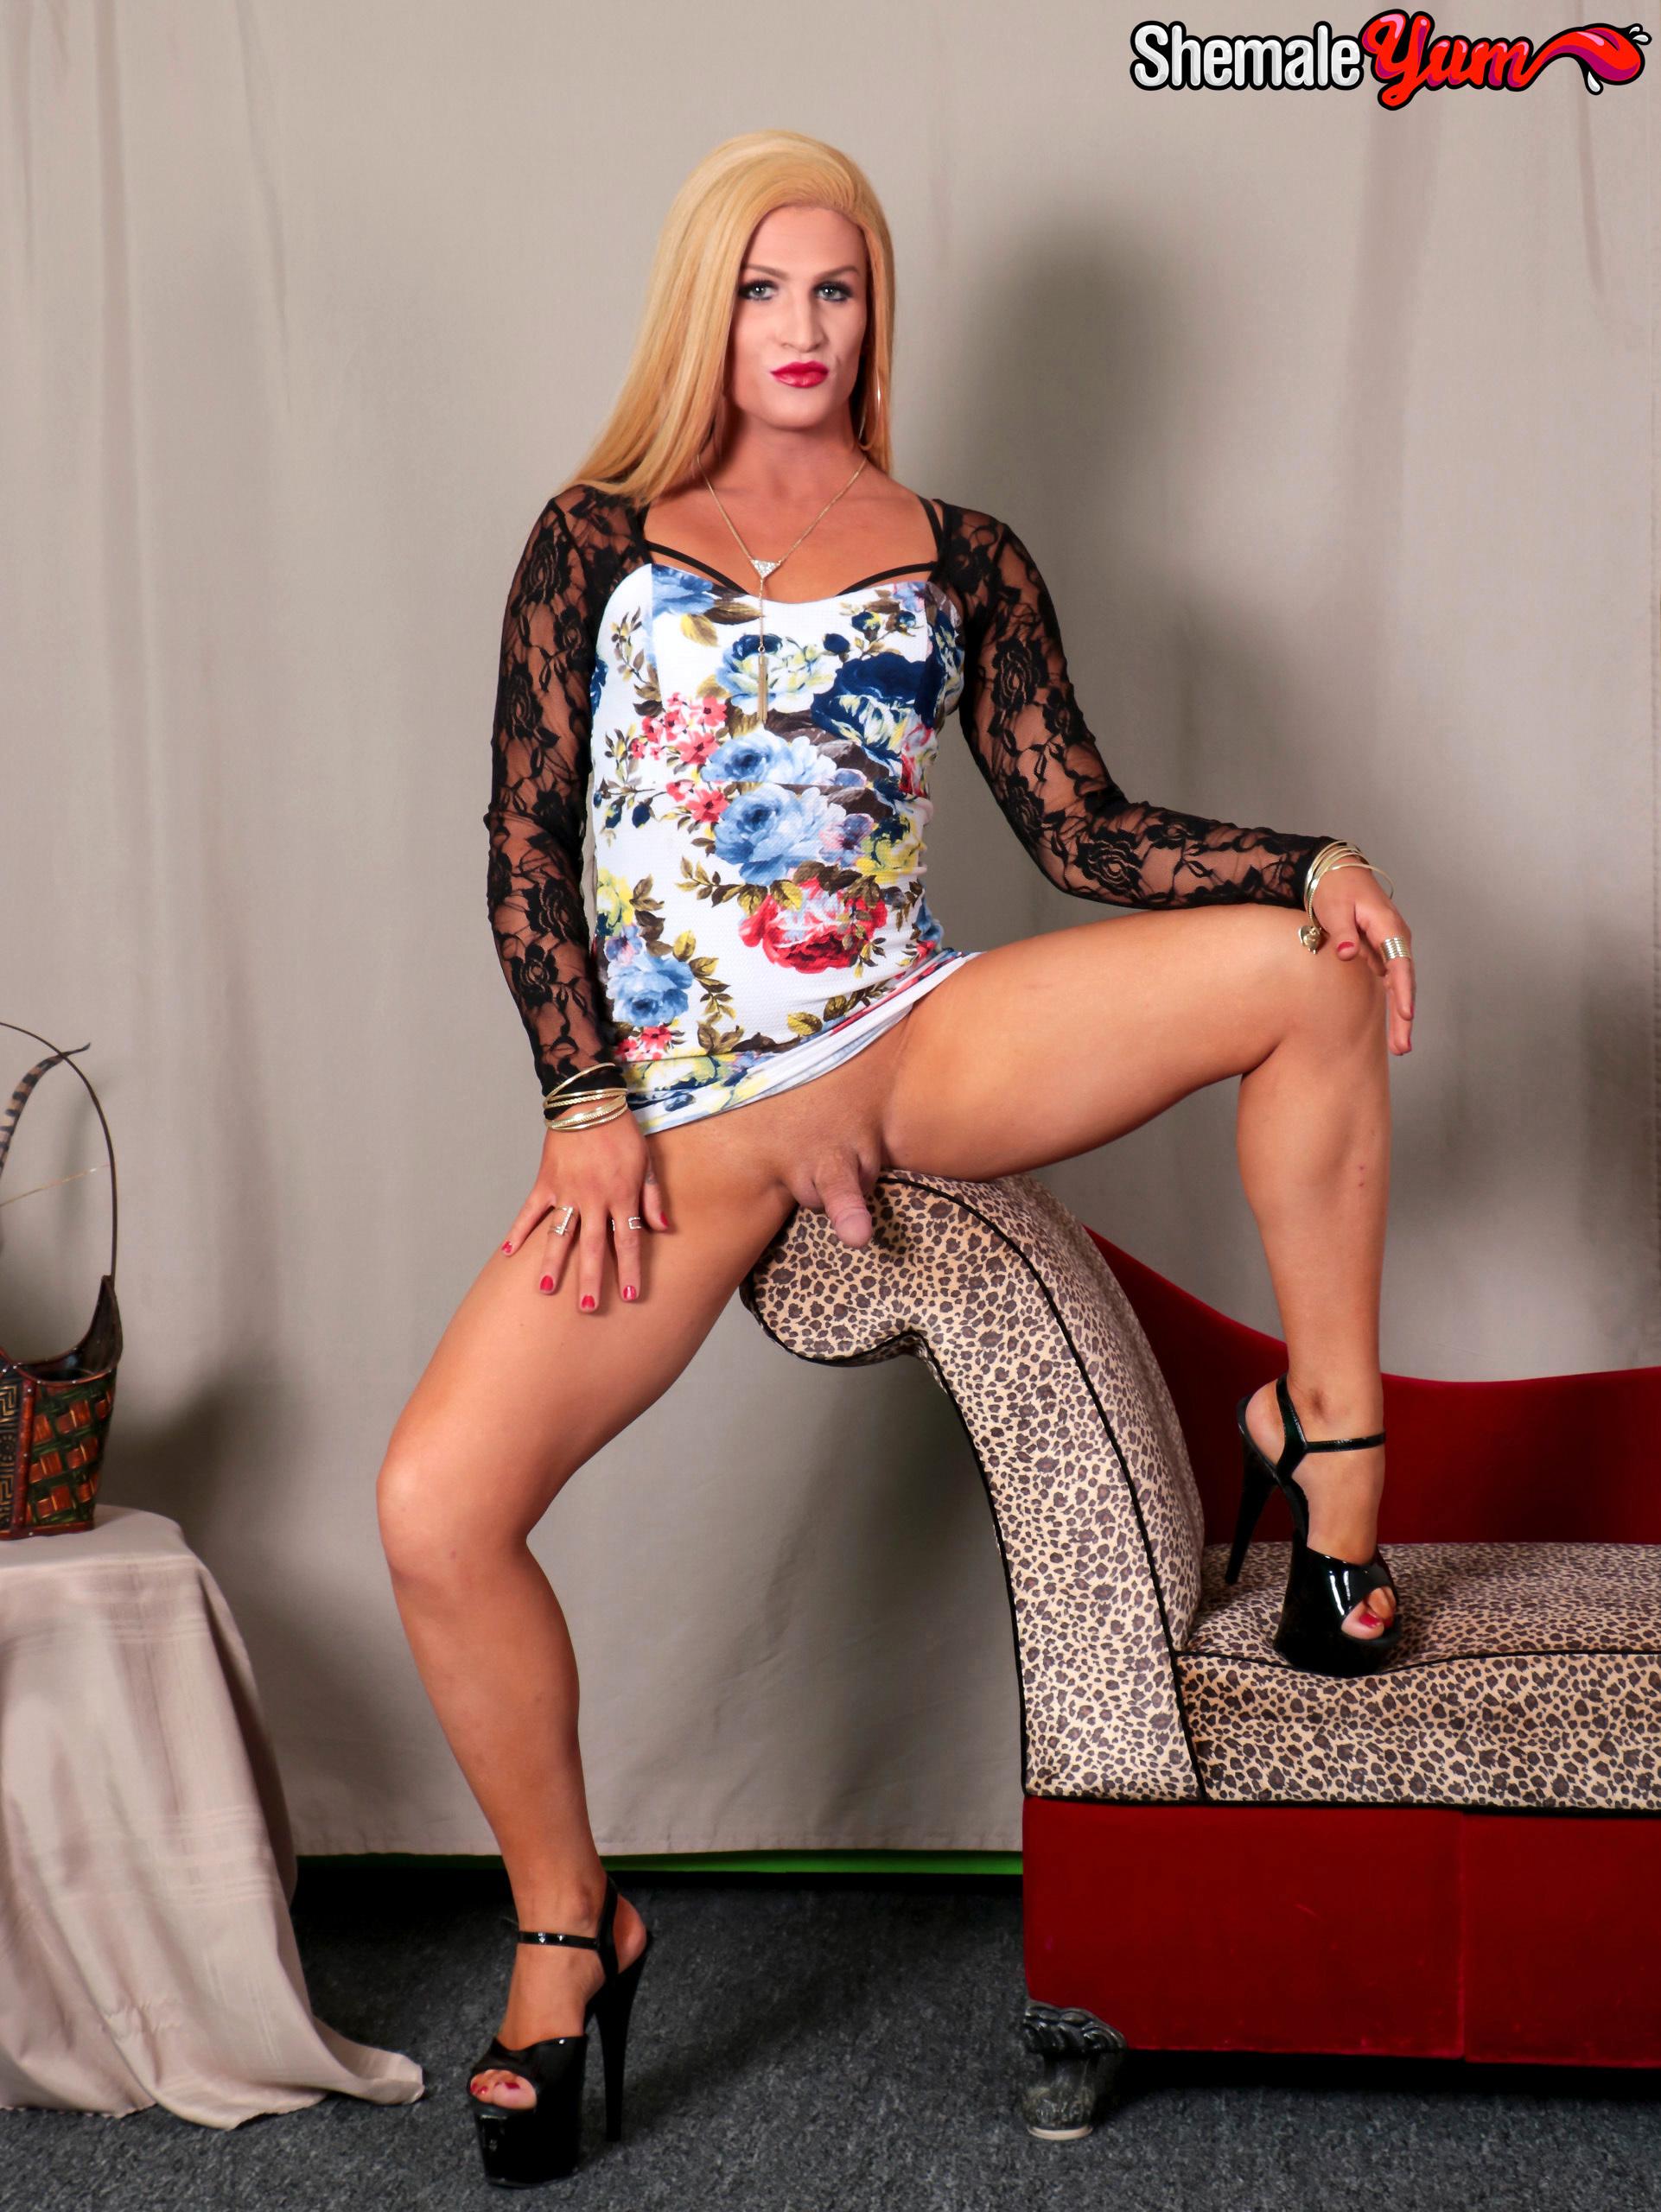 Arousing Blonde Paradise!